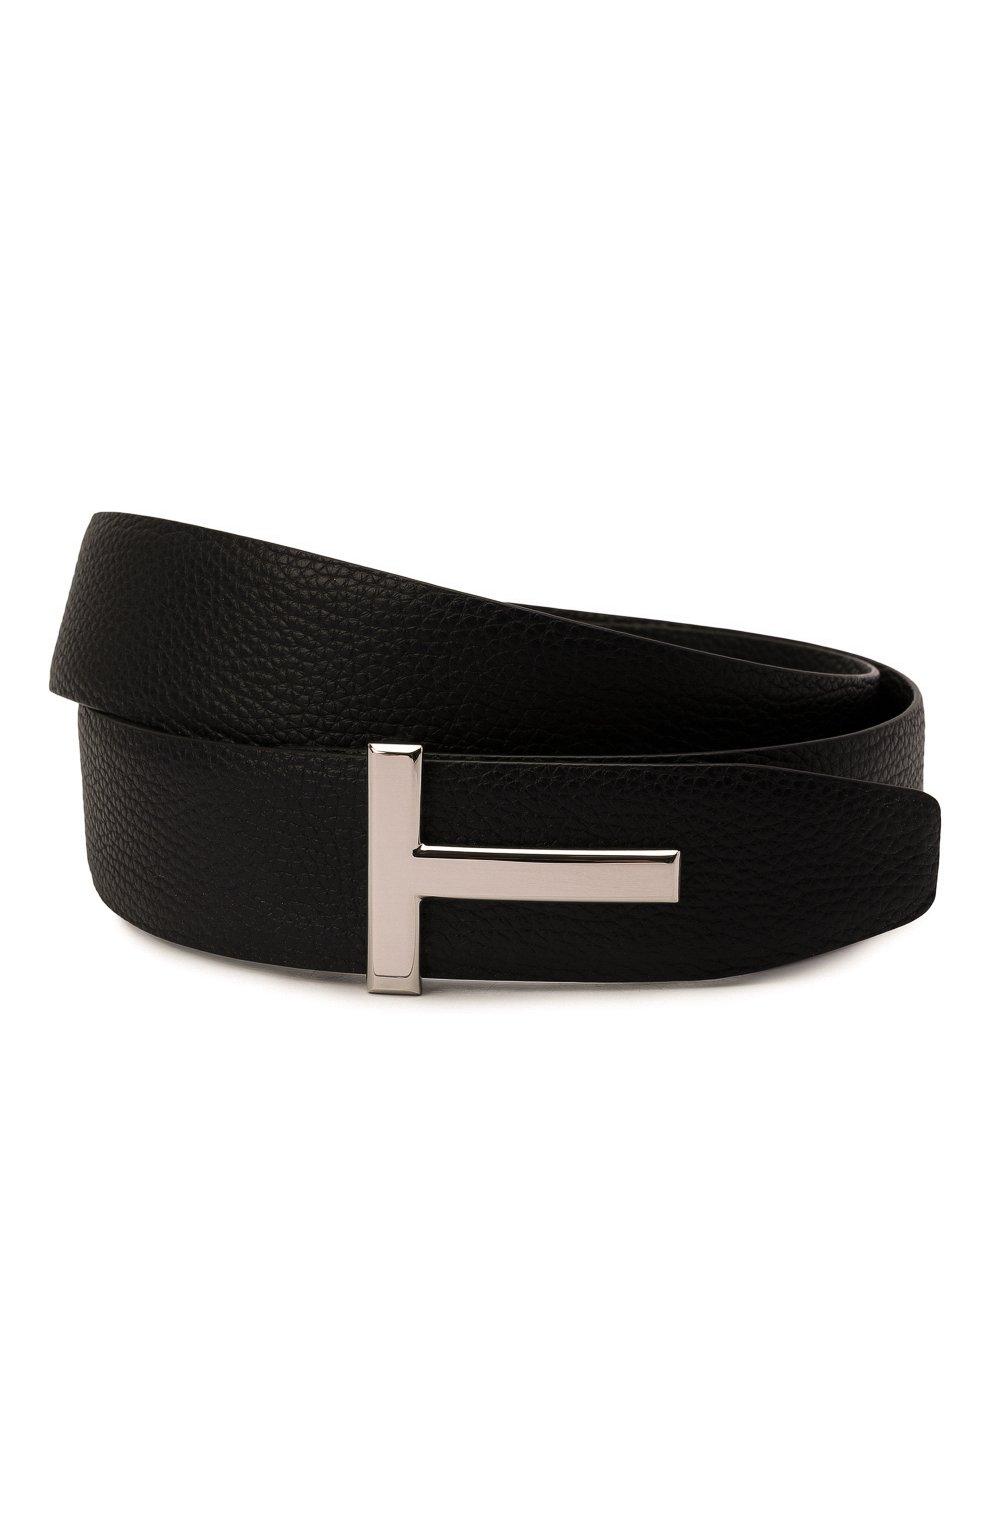 Мужской кожаный ремень TOM FORD коричневого цвета, арт. TB178P-LCL050   Фото 1 (Случай: Формальный)